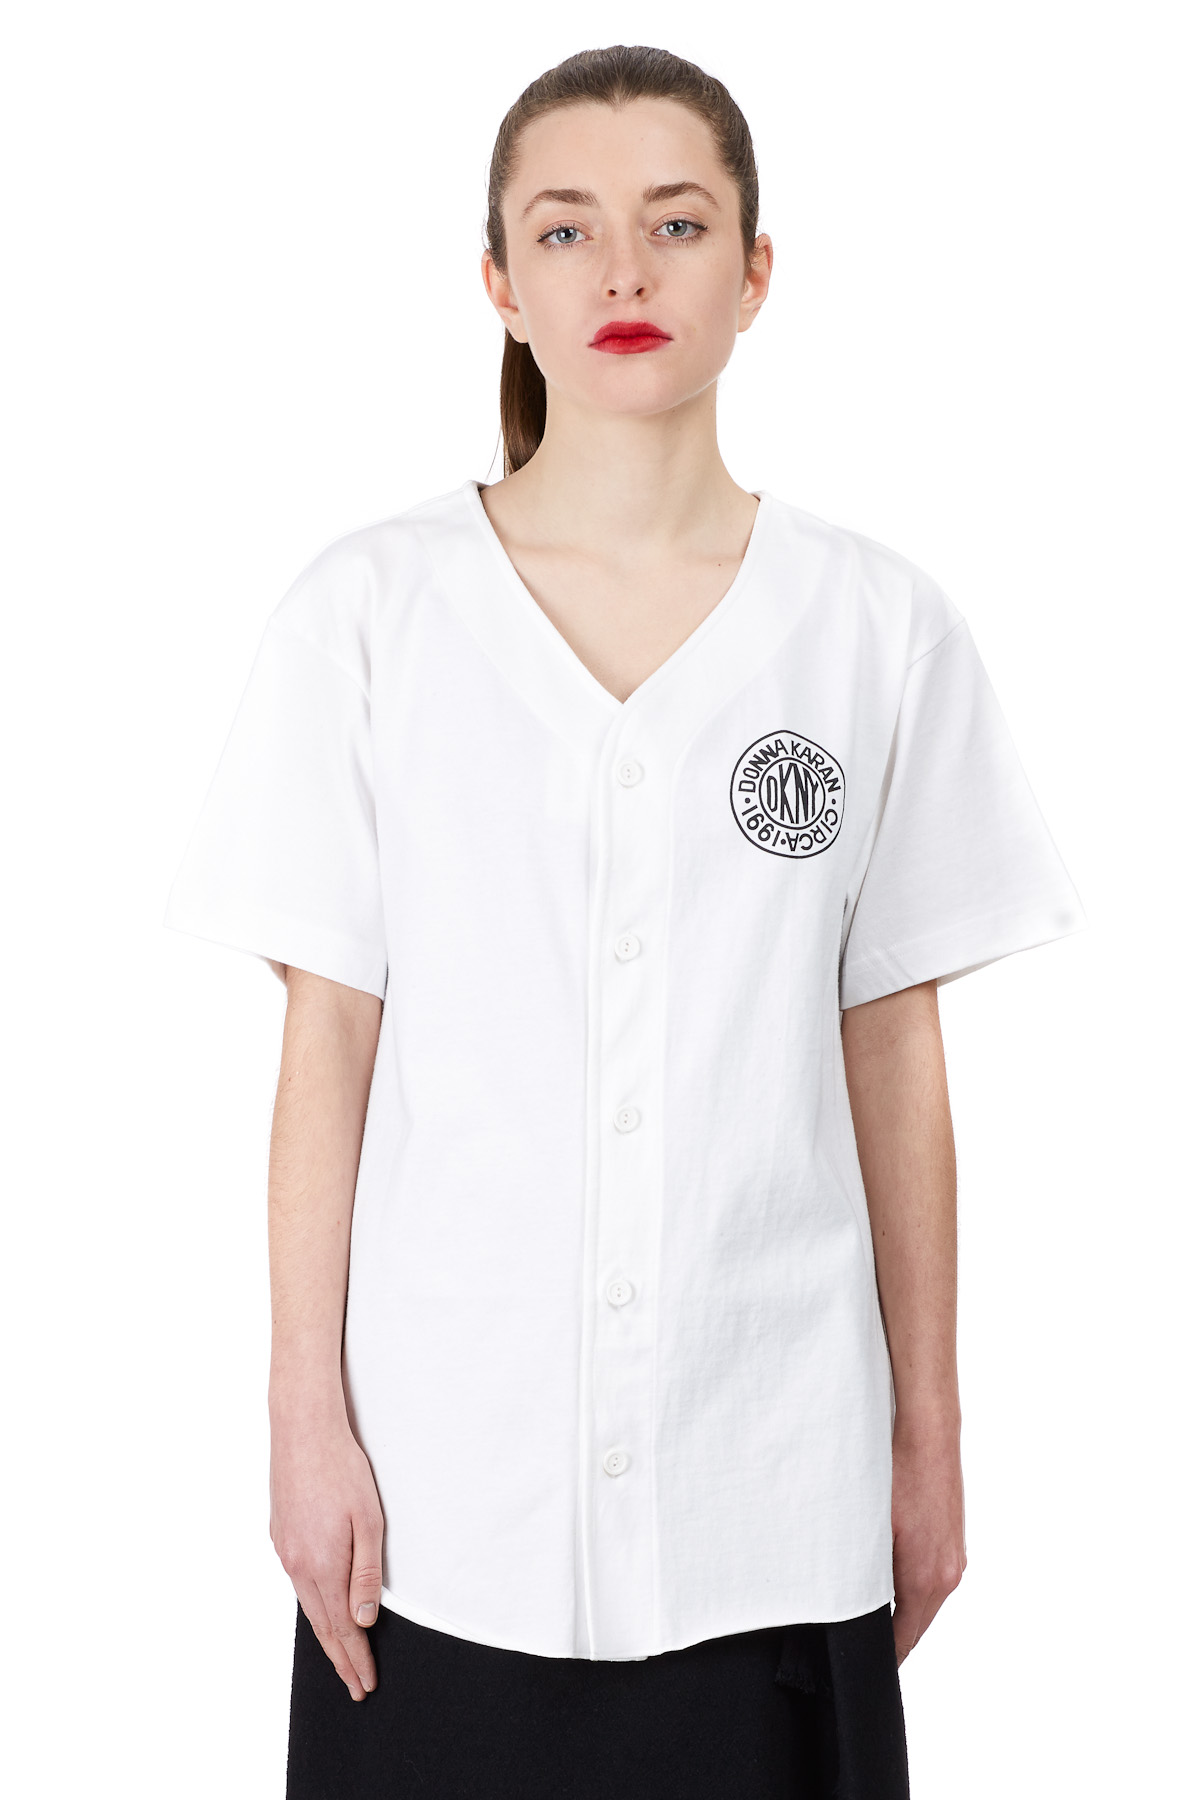 DKNY for Opening Ceremony DKNY Token Logo Baseball Shirt - WOMEN - DKNY for Opening Ceremony